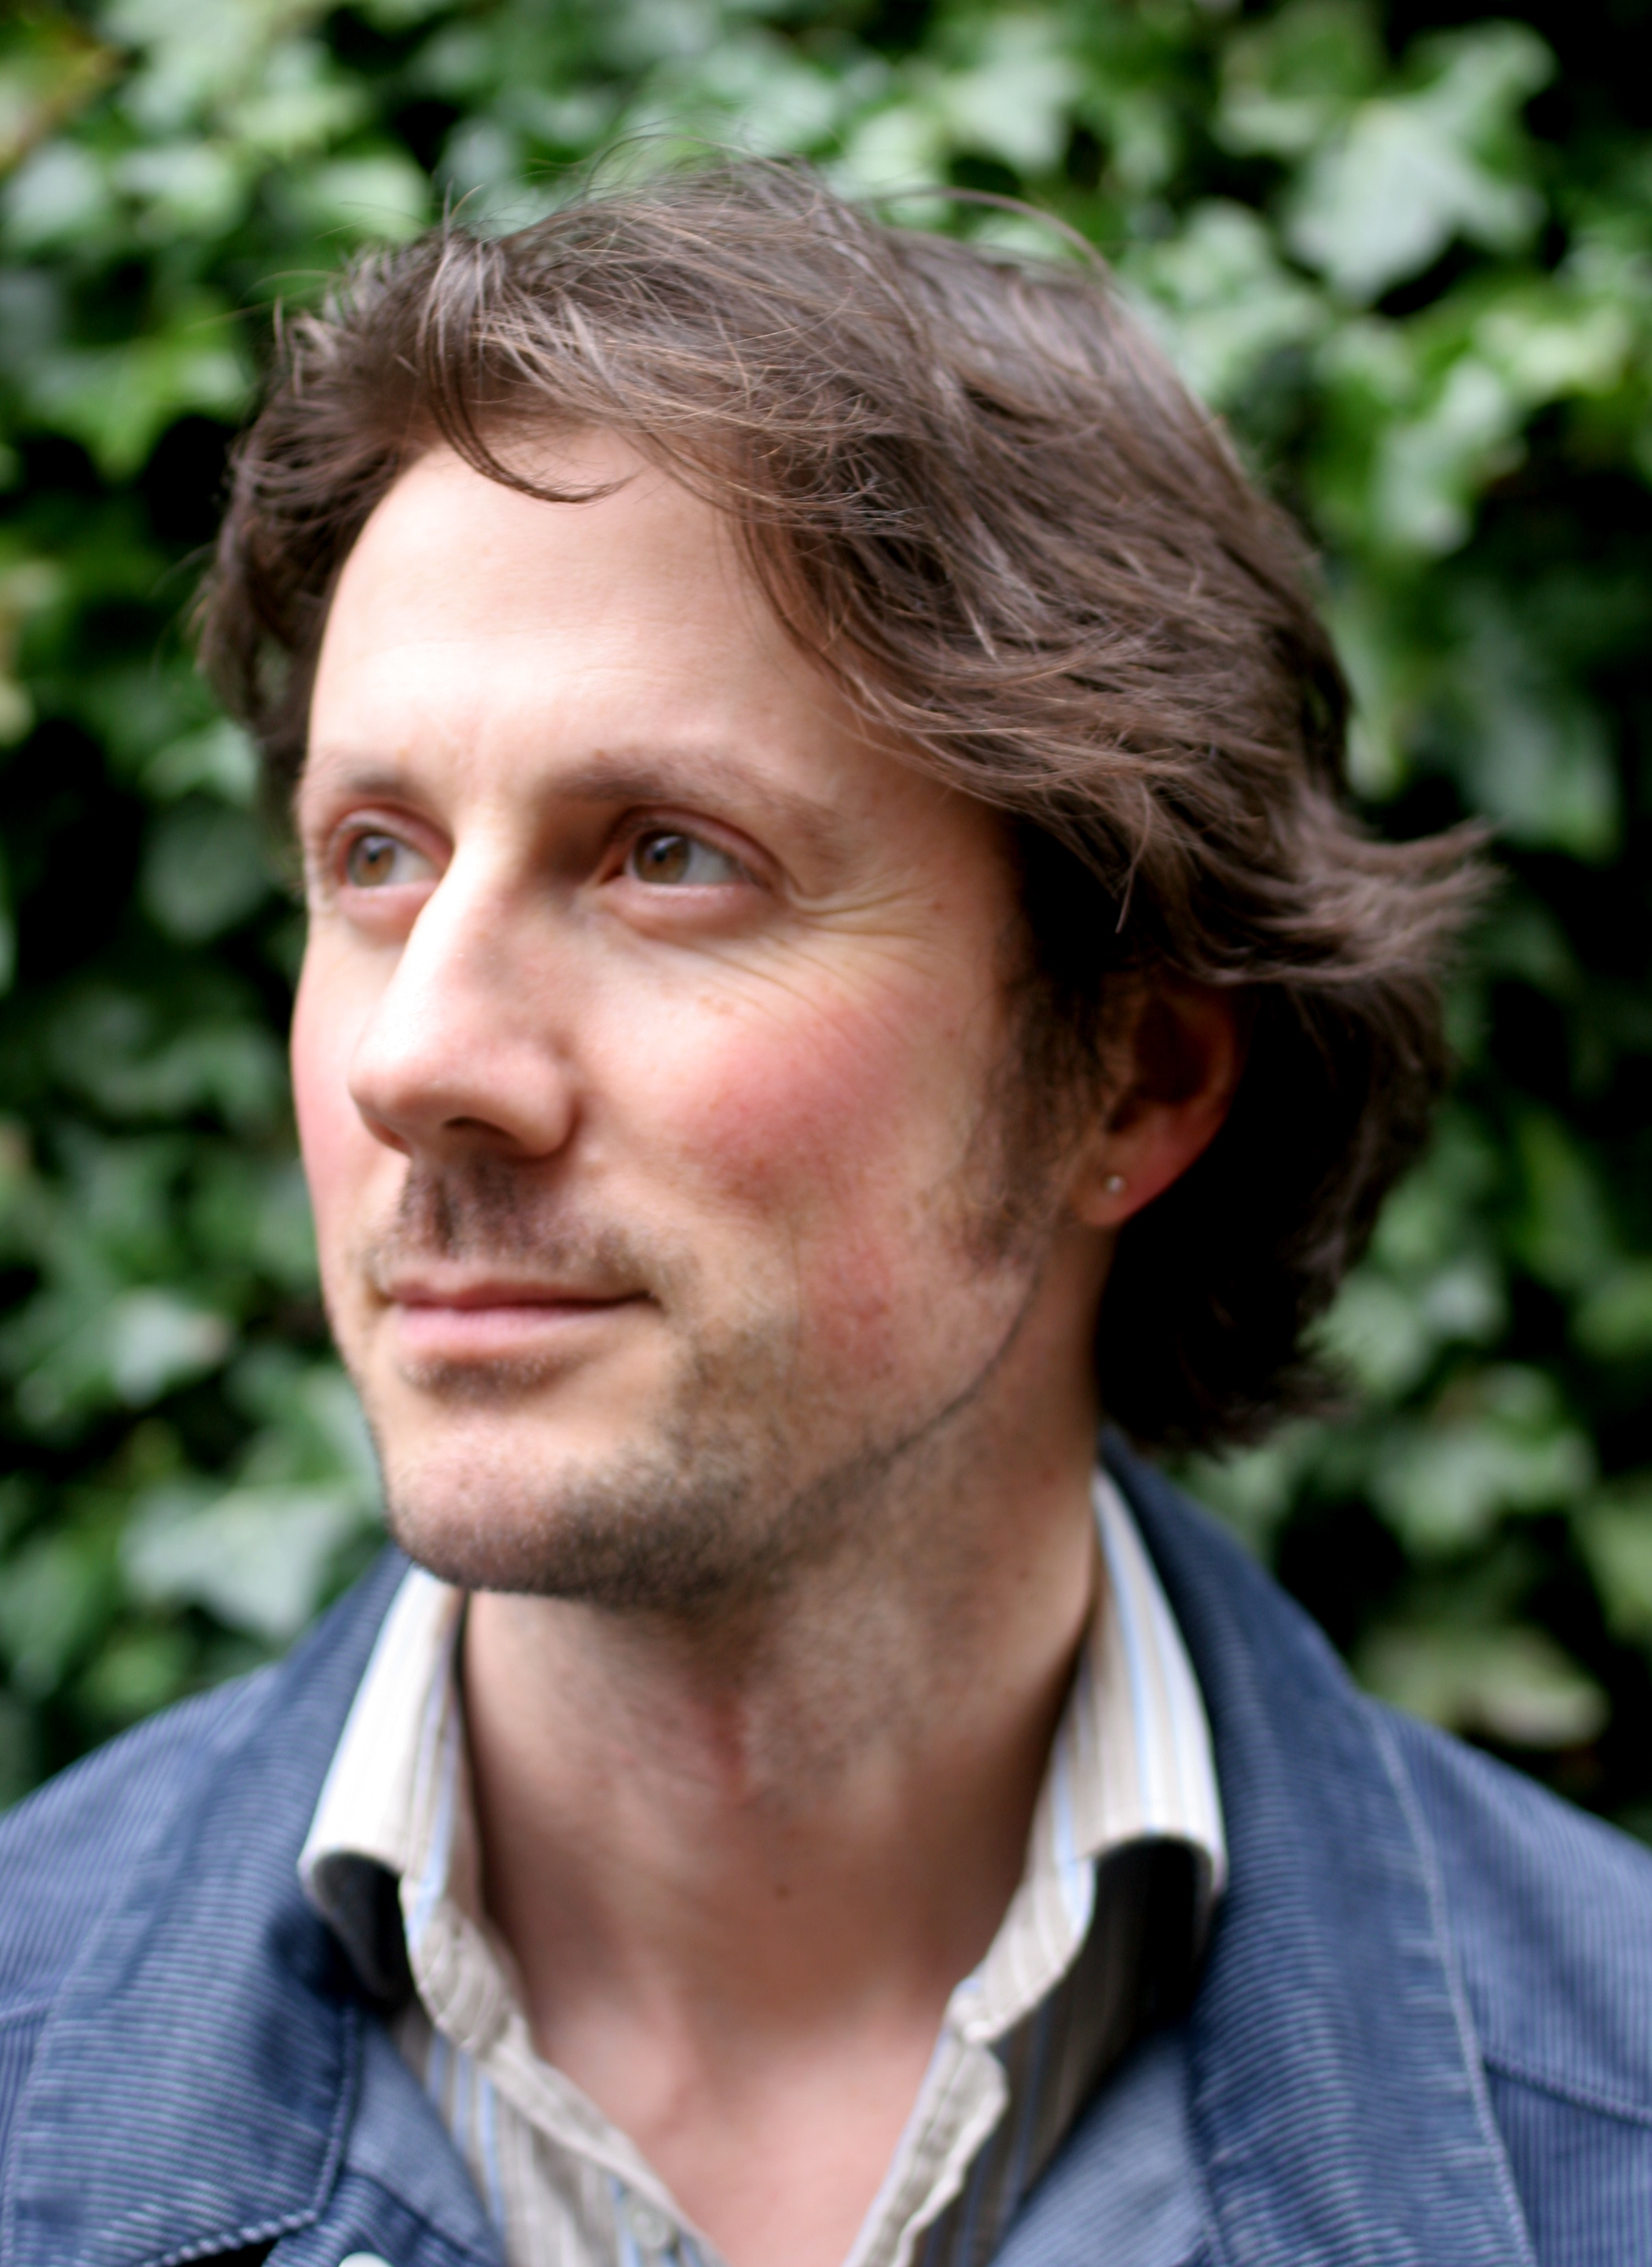 Paul Kingsnorth in 2011